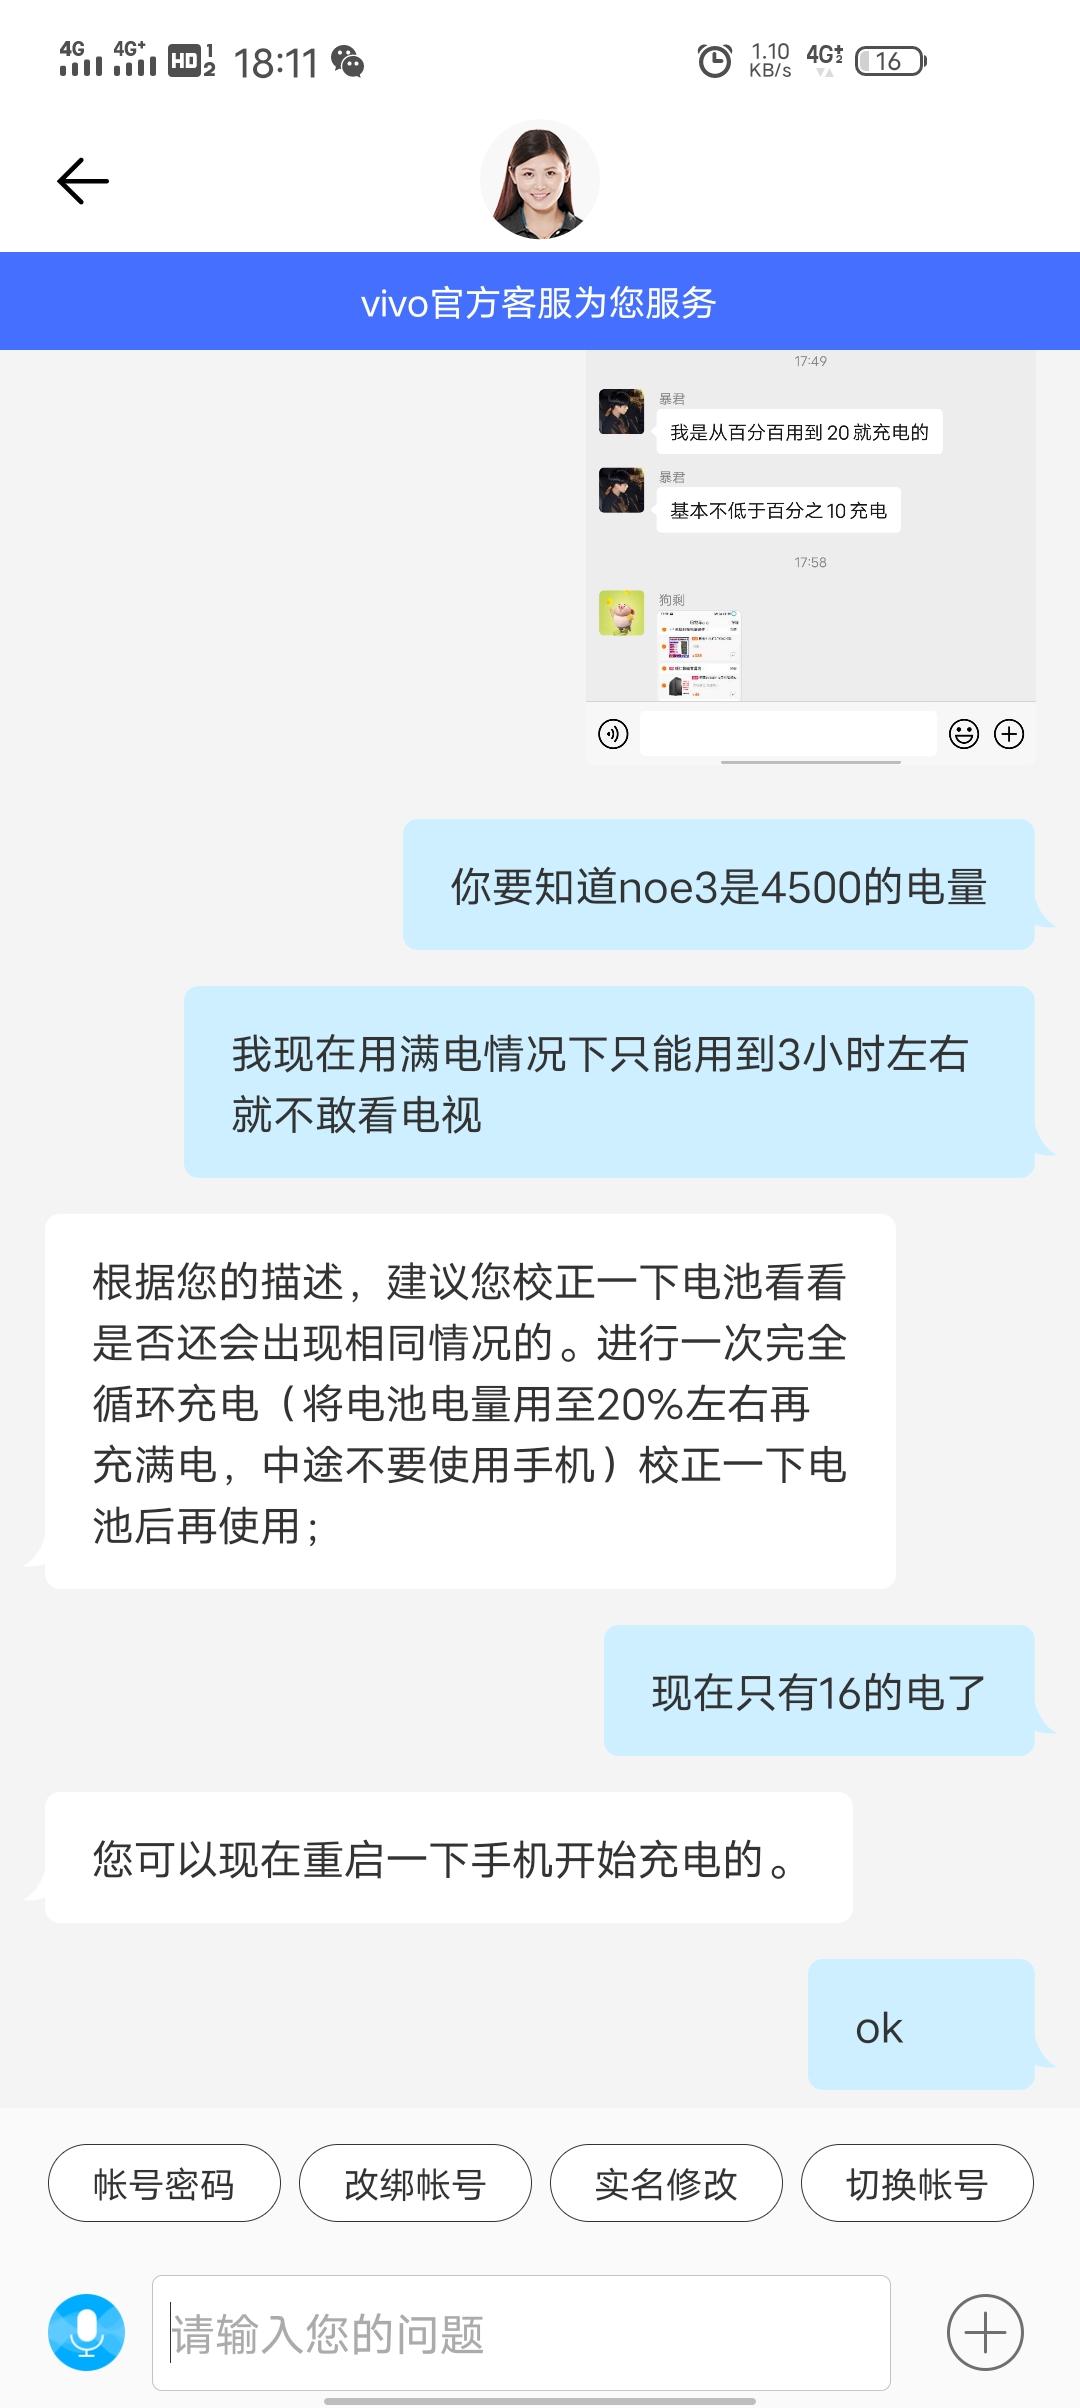 Screenshot_20201110_181102.jpg